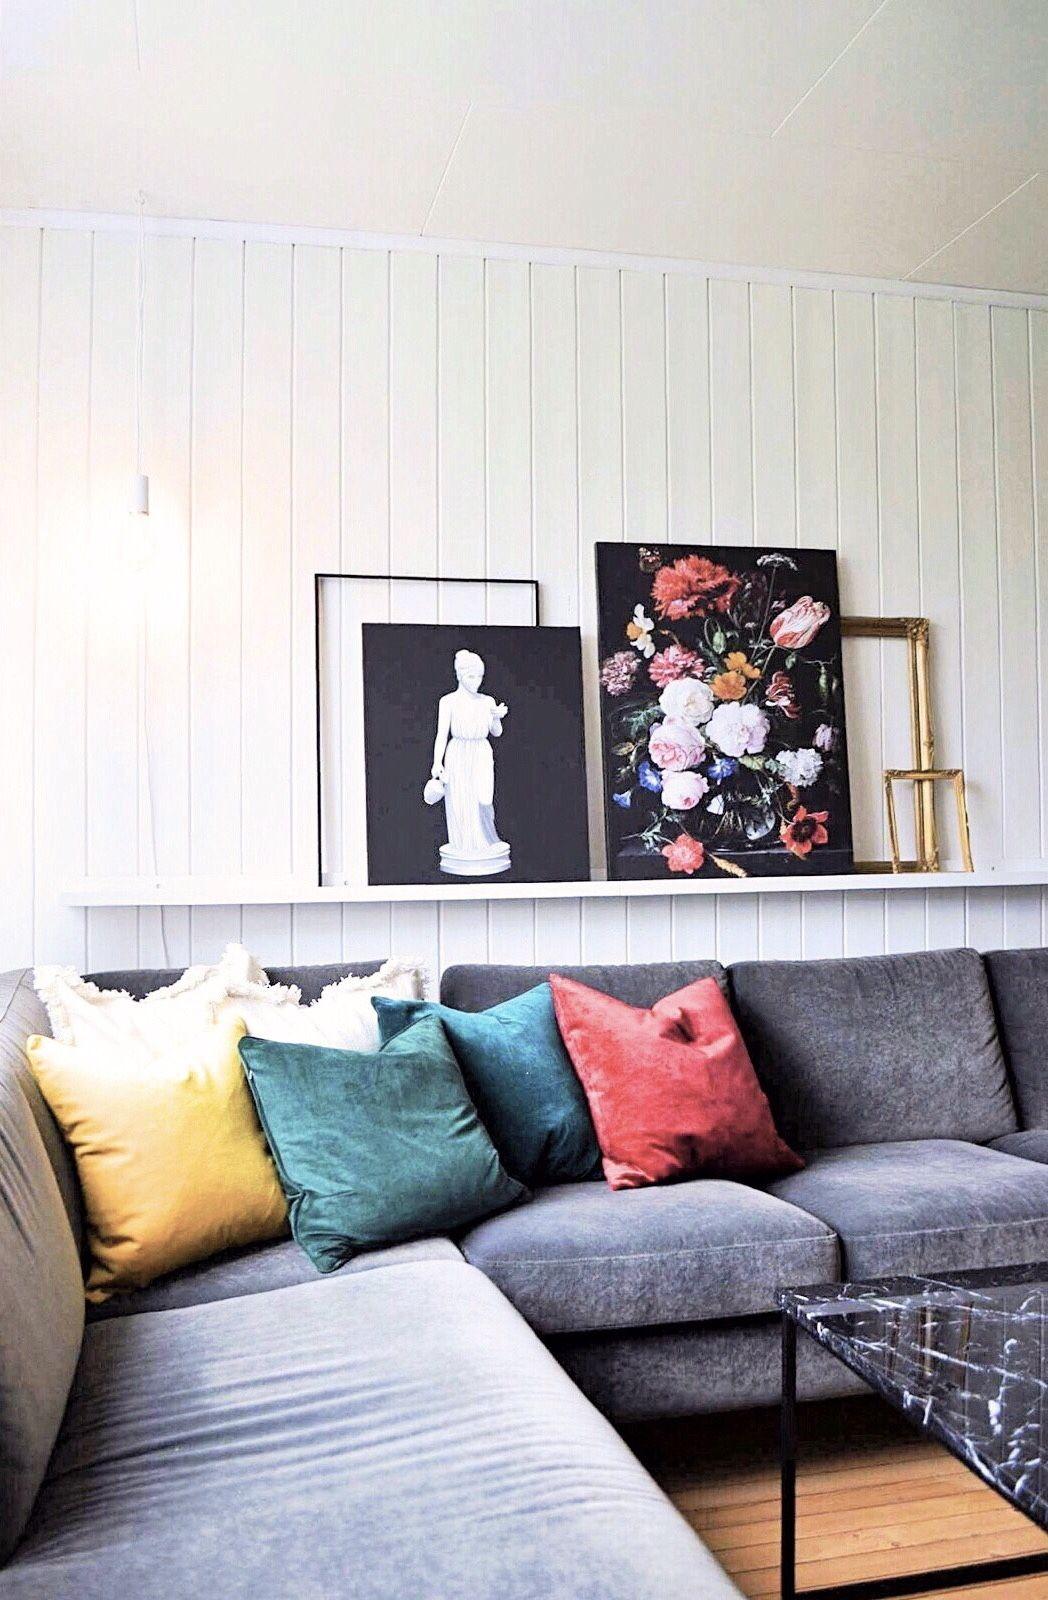 Siste Fargerik stue, blomster bilde, maleri, gul, grønn, blå, rød, puter AW-03